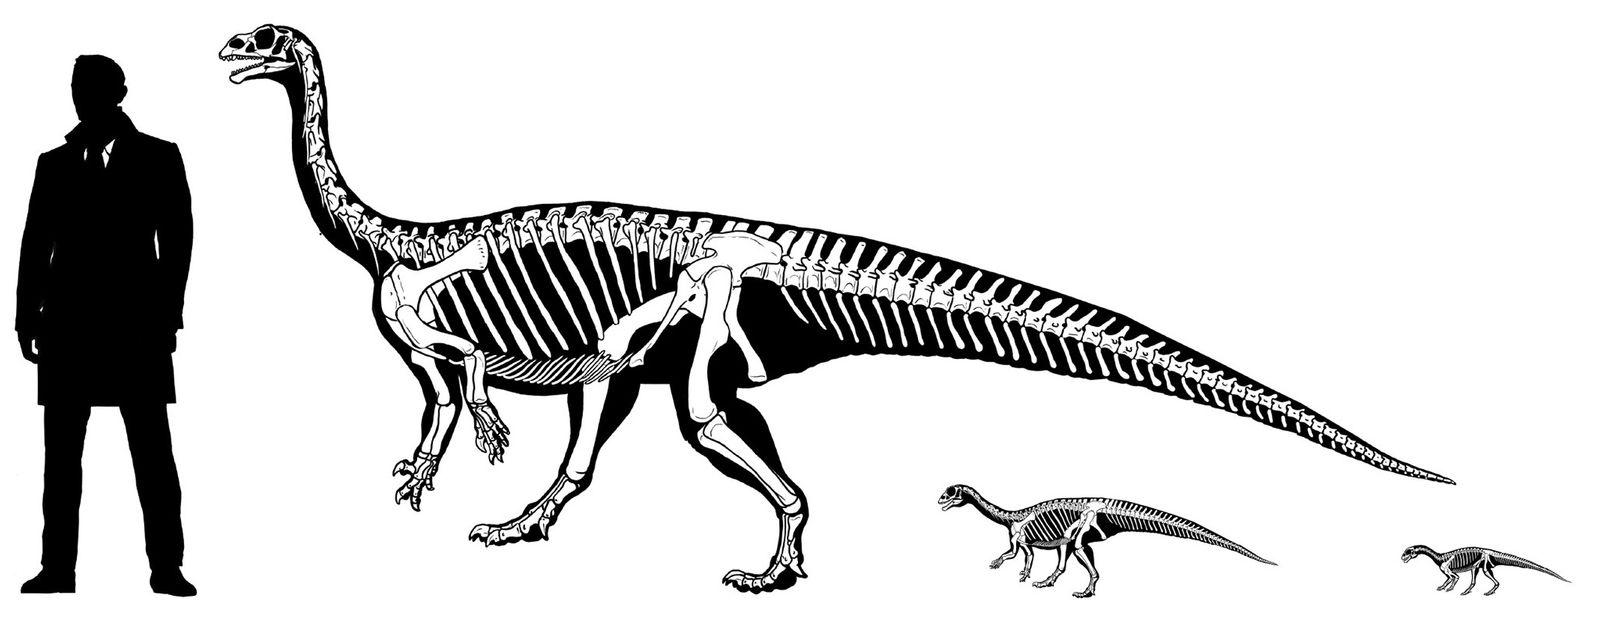 Quando filhote, o dinossauro Mussaurus patagonicus  andava sobre quatro apoios. Porém, à medida que crescia, ...